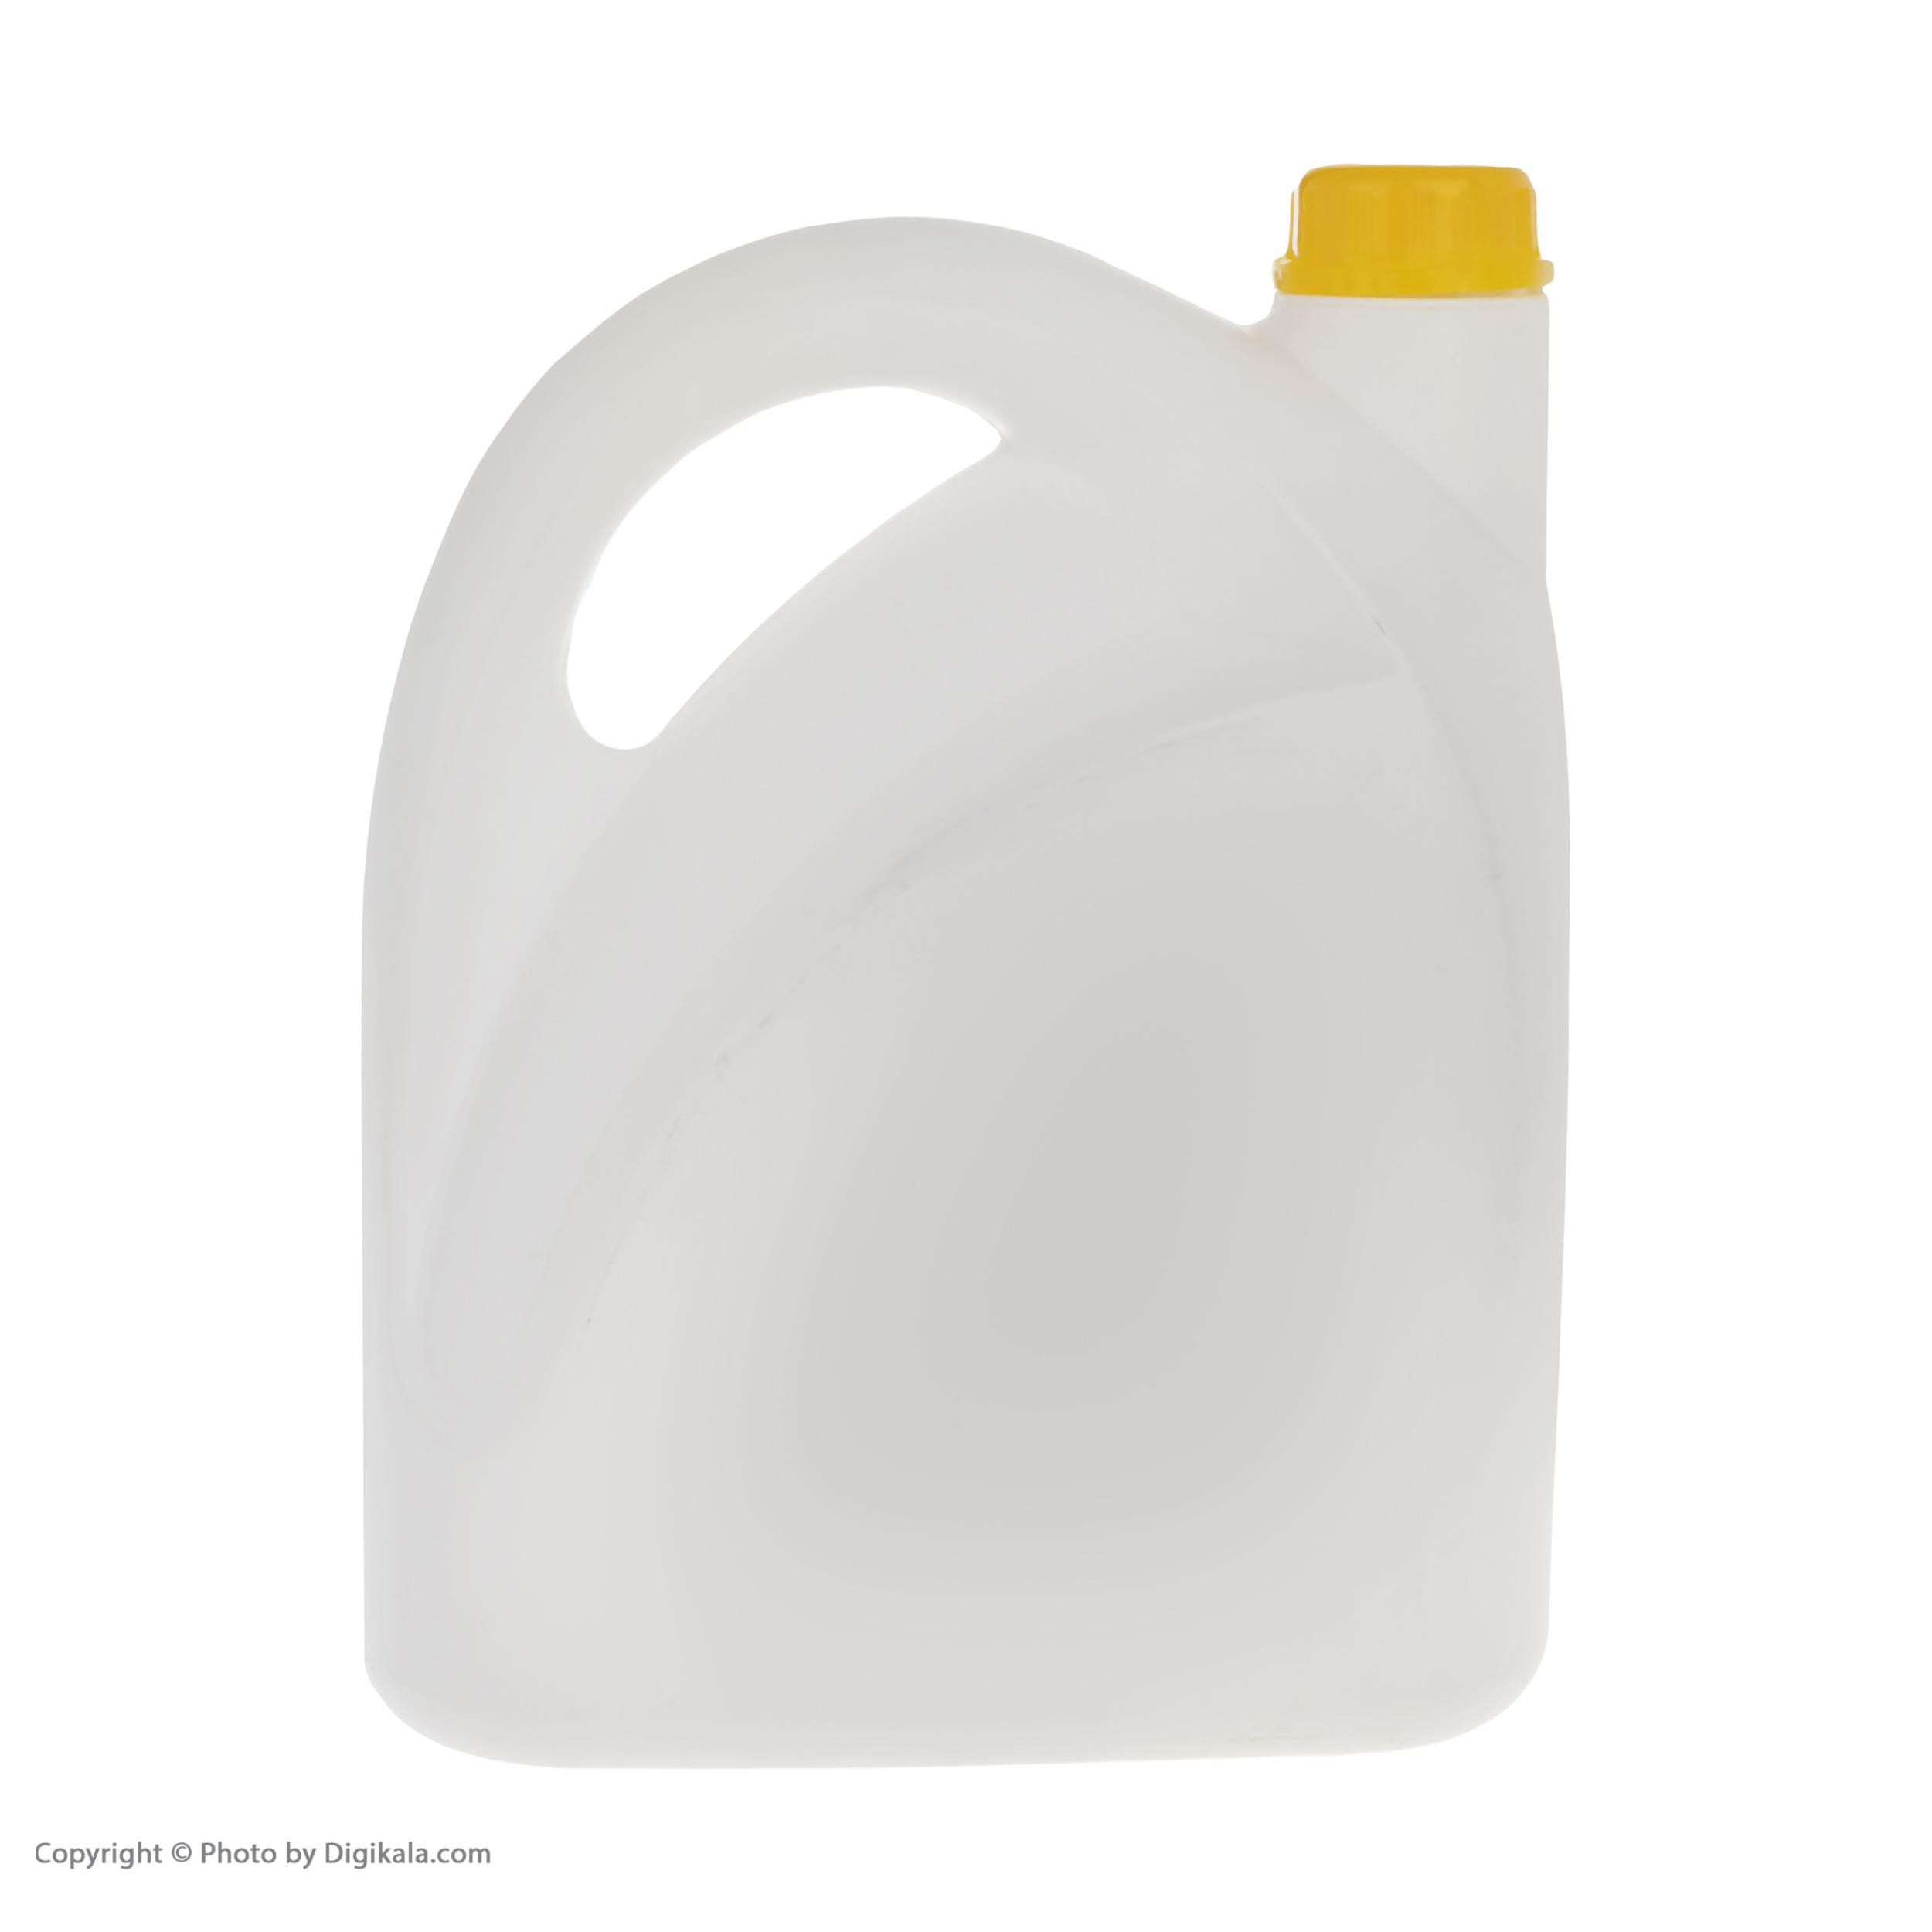 مایع ظرفشویی تاژ حاوی جوش شیرین با رایحه لیمو زرد مقدار 3.75 کیلوگرم main 1 2